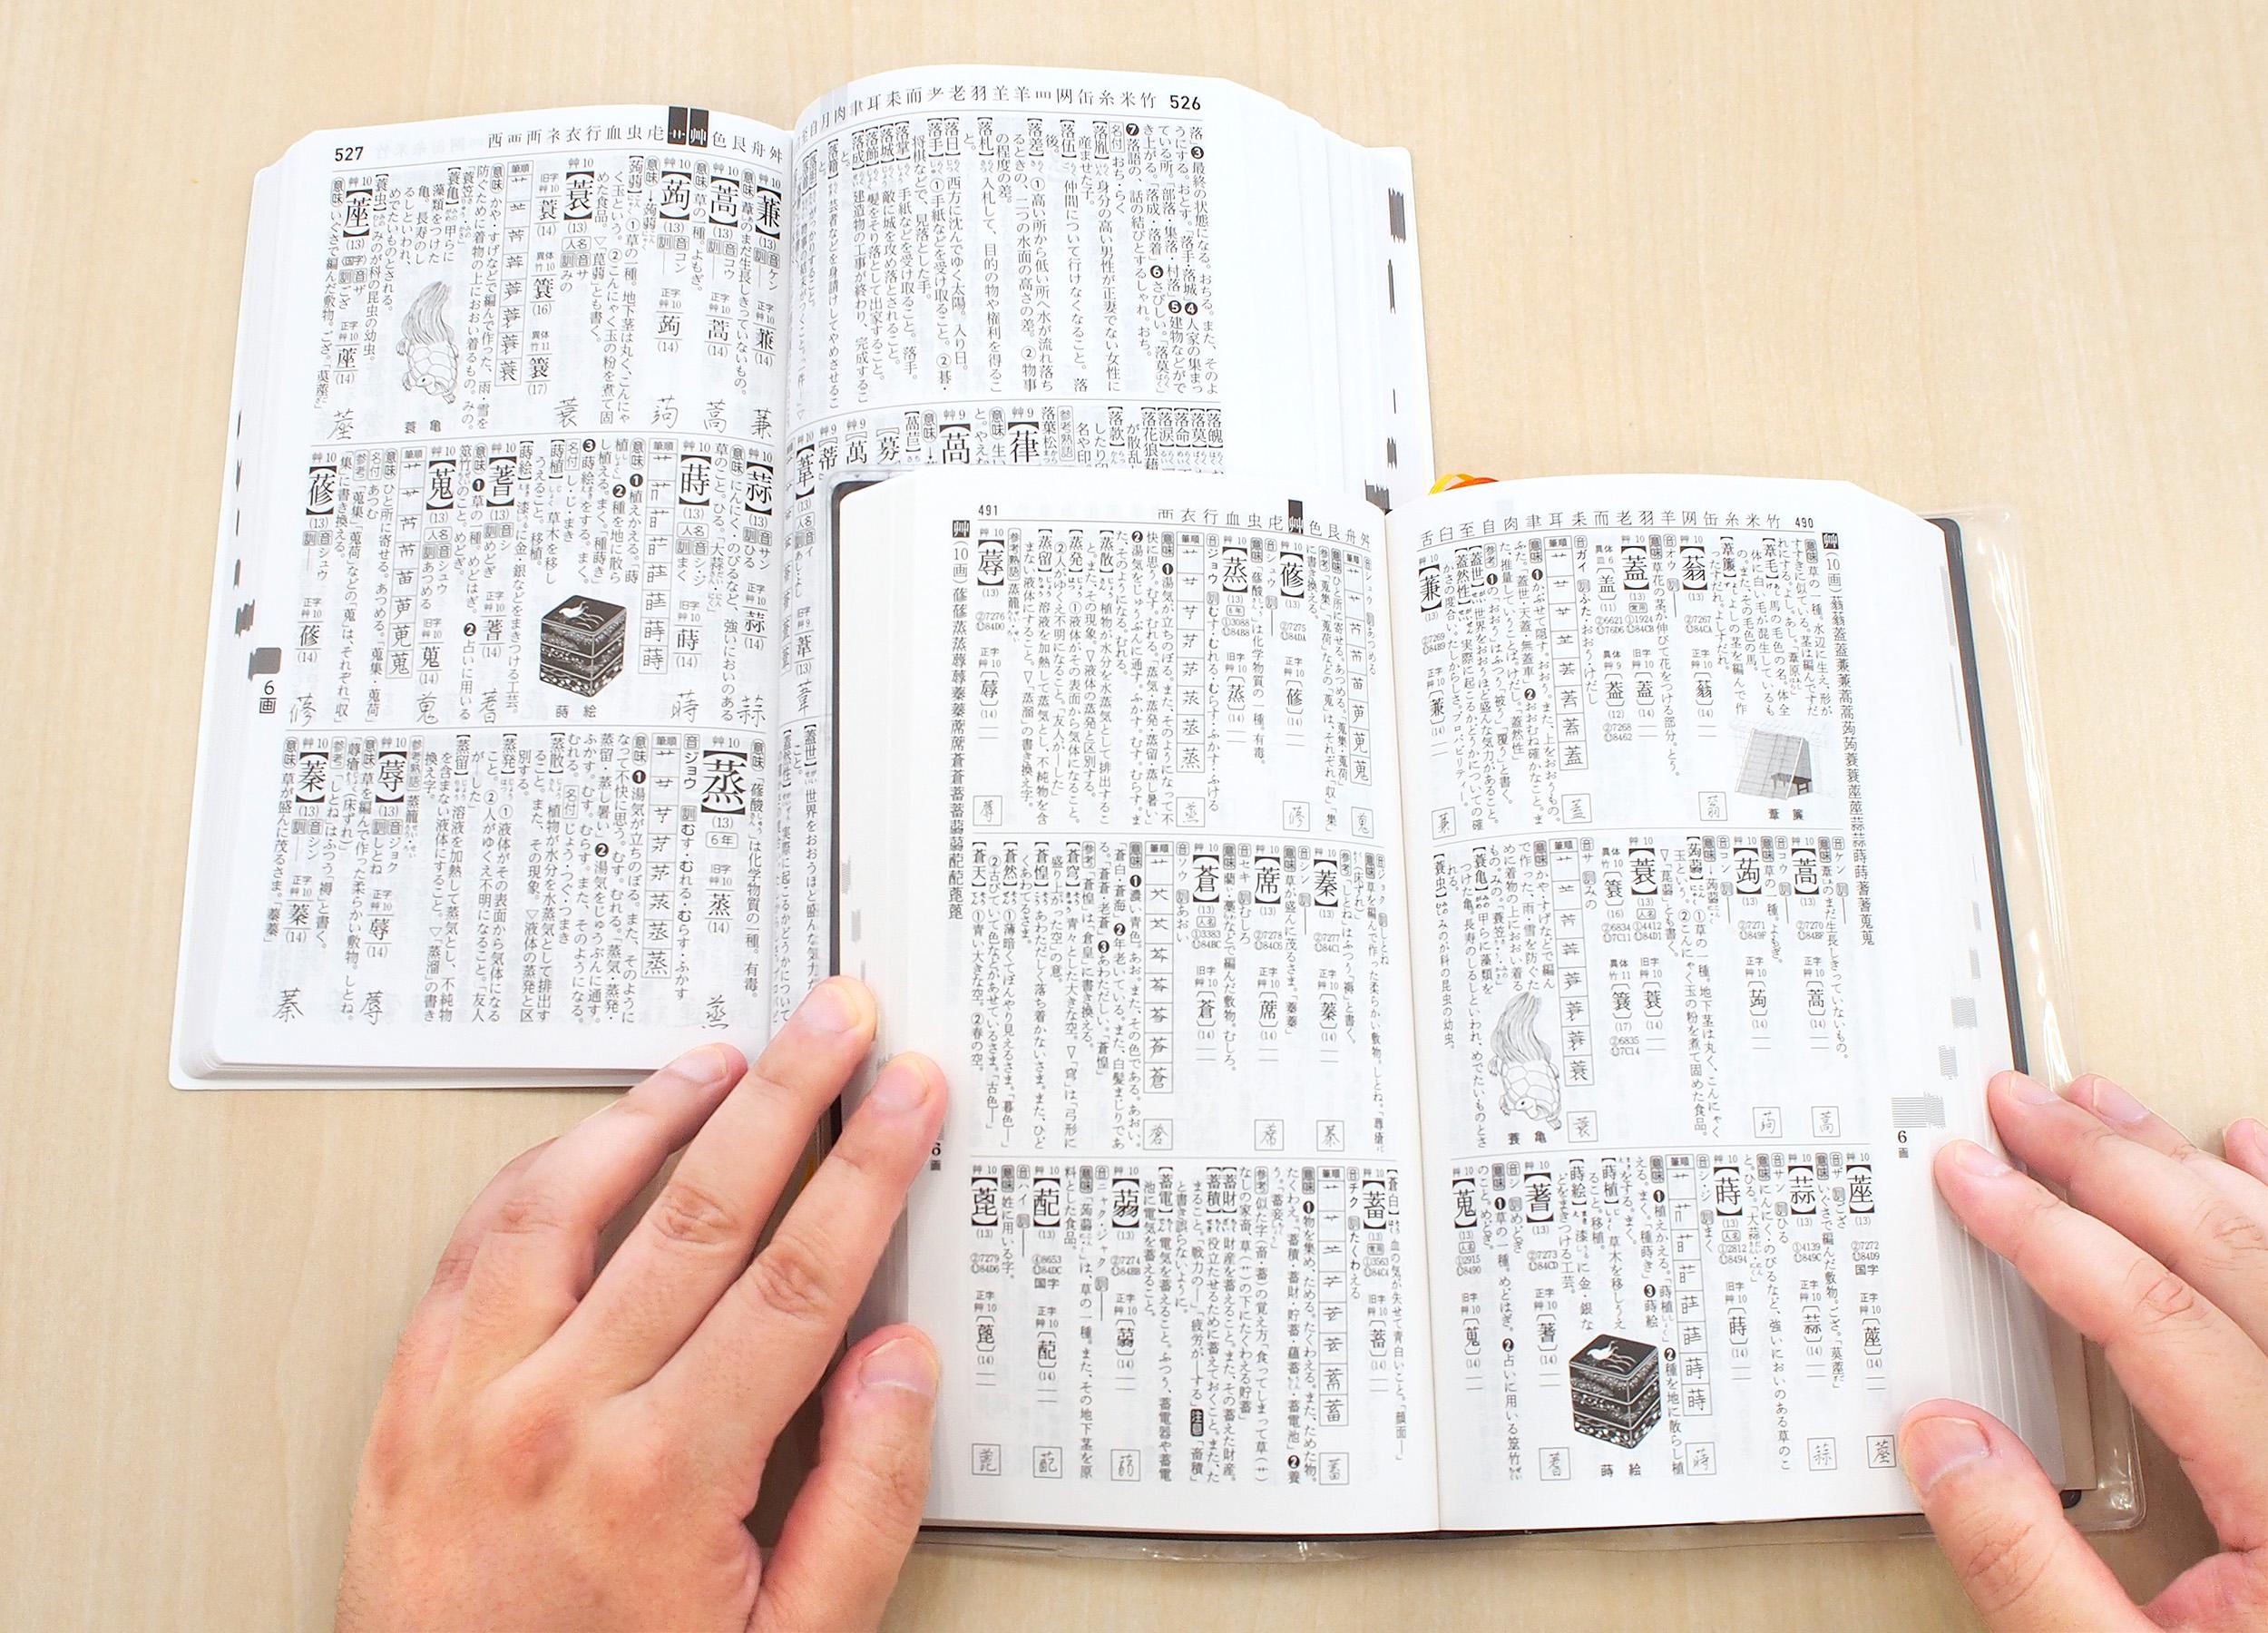 『常用漢和辞典』、第五版(上)、第四版(下)。字の大きさに注目 紙面